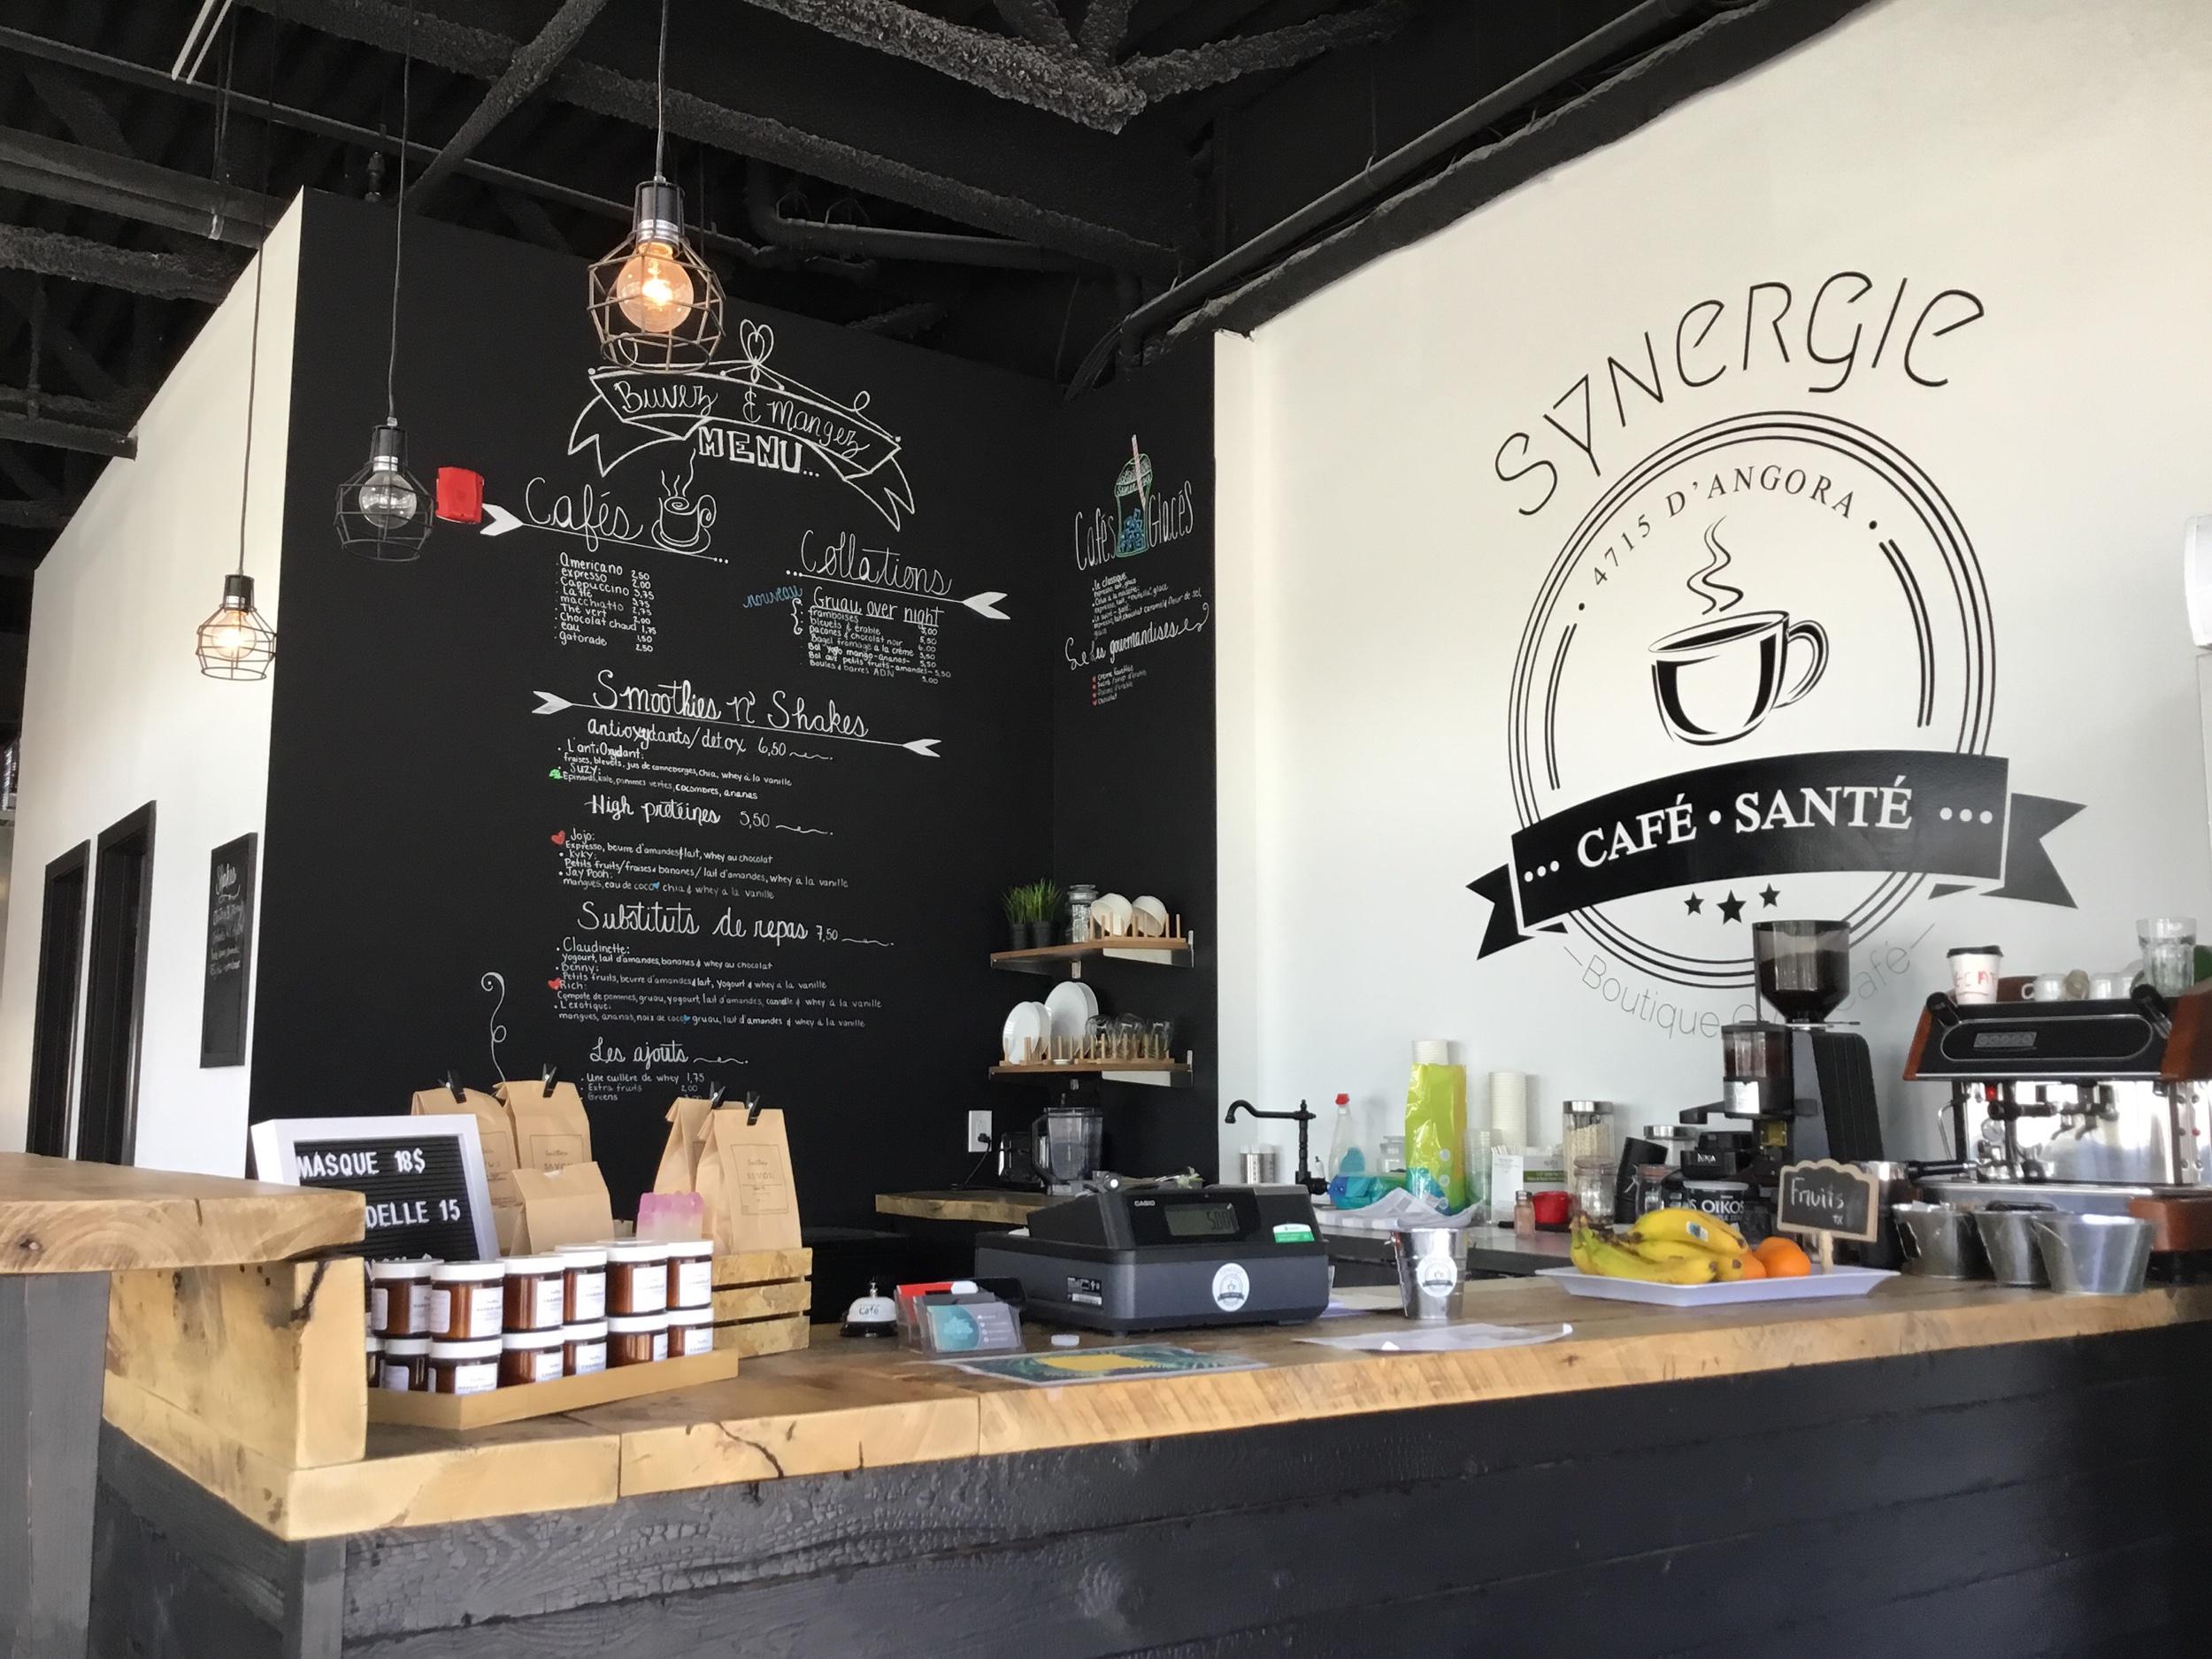 CAFÉ SYNERGIE - Un nouveau concept de café   bar à jus à Terrebonne. Venez découvrir nos différents smoothies, cafés glacés, cafés spécialisés, collations santé et repas prêt-à-manger. L'endroit idéal pour une petite pause santé sur la route entre deux clients, une balade de vélo ou de course à pied!P.S:Nous avons le WI-FI pour venir travailler ou étudier!